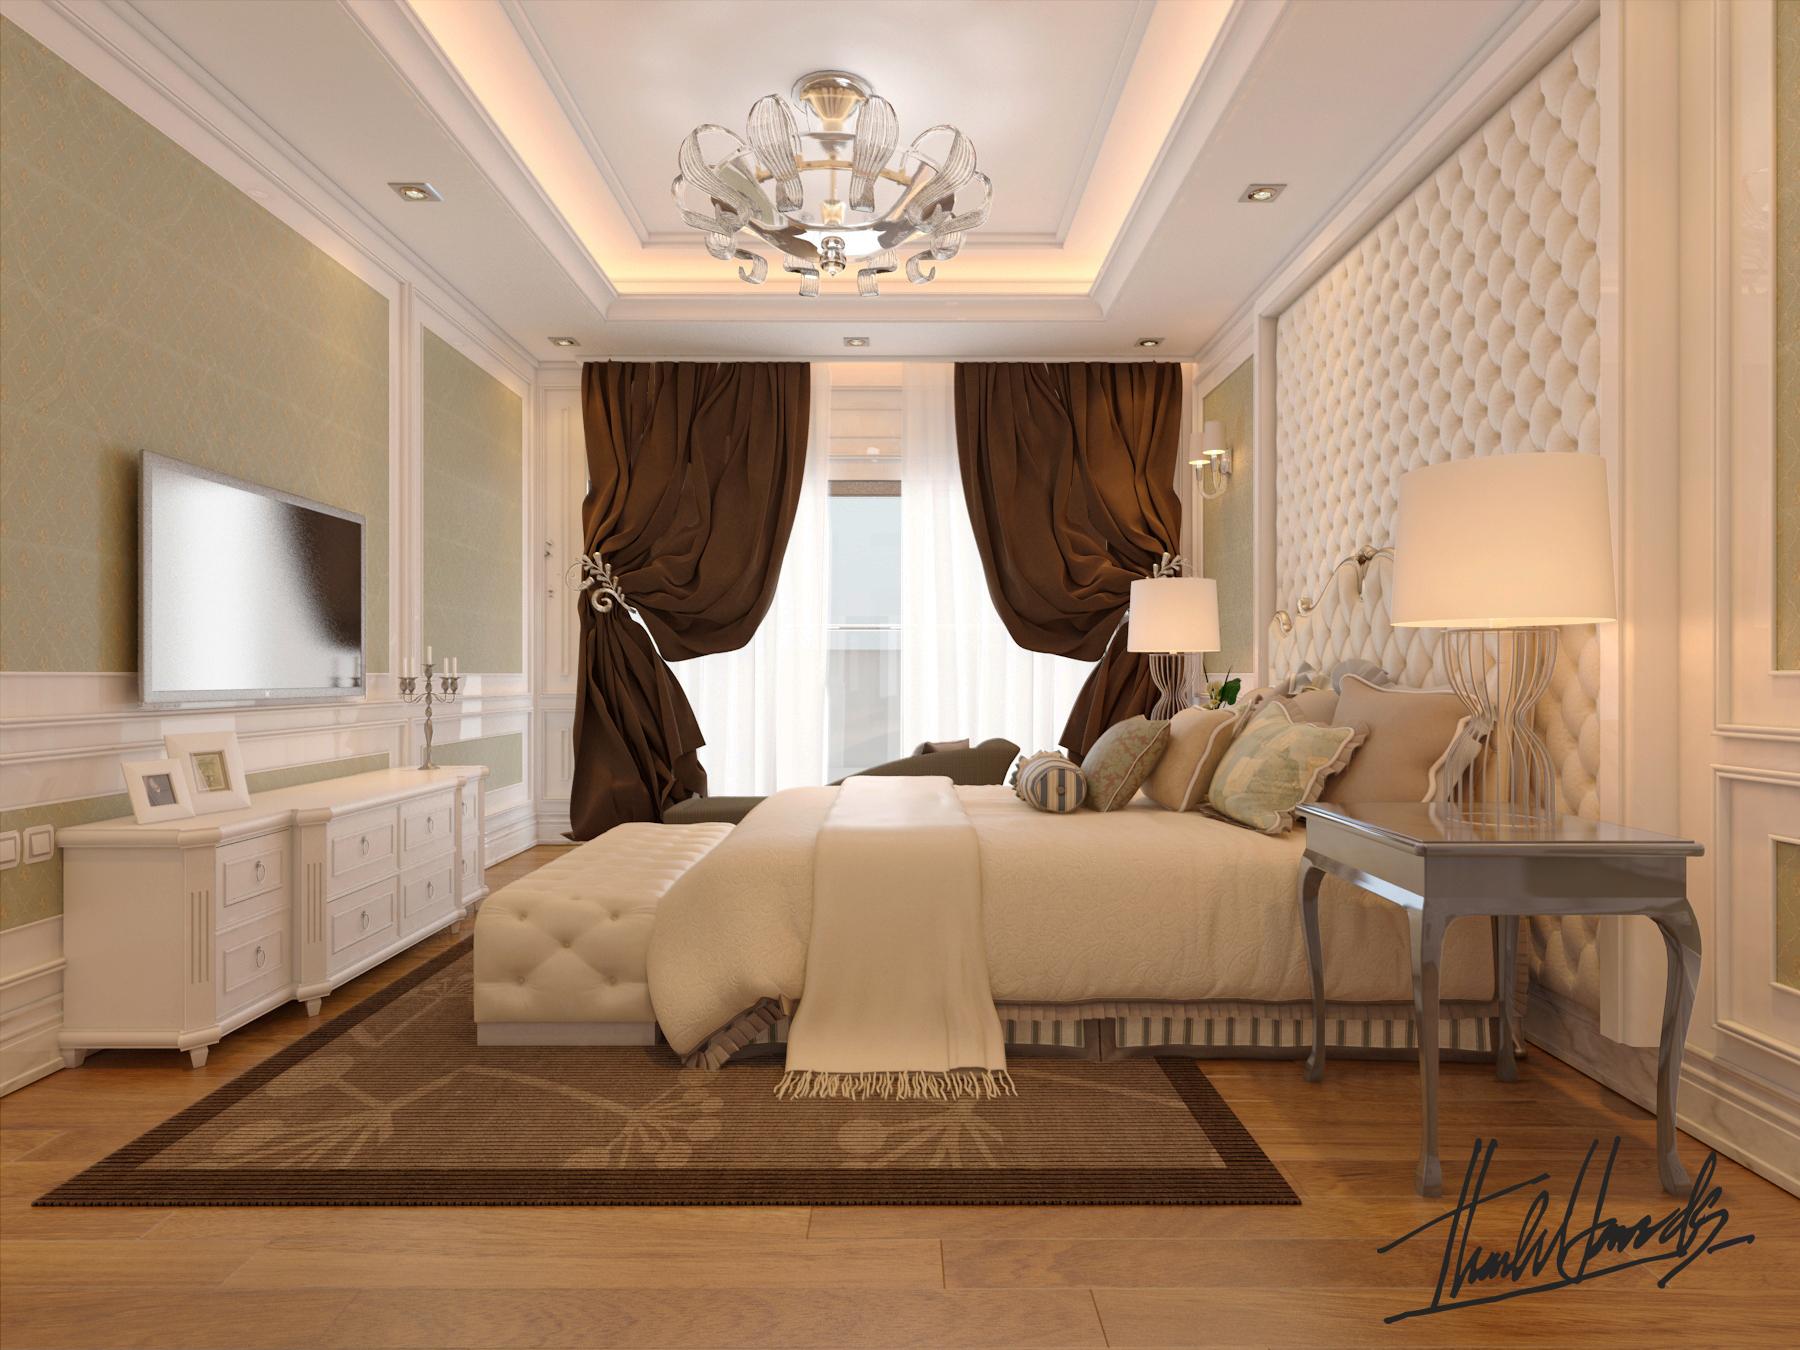 thiết kế nội thất chung cư tại Hà Nội chung cư trang an complex 8 1568277031